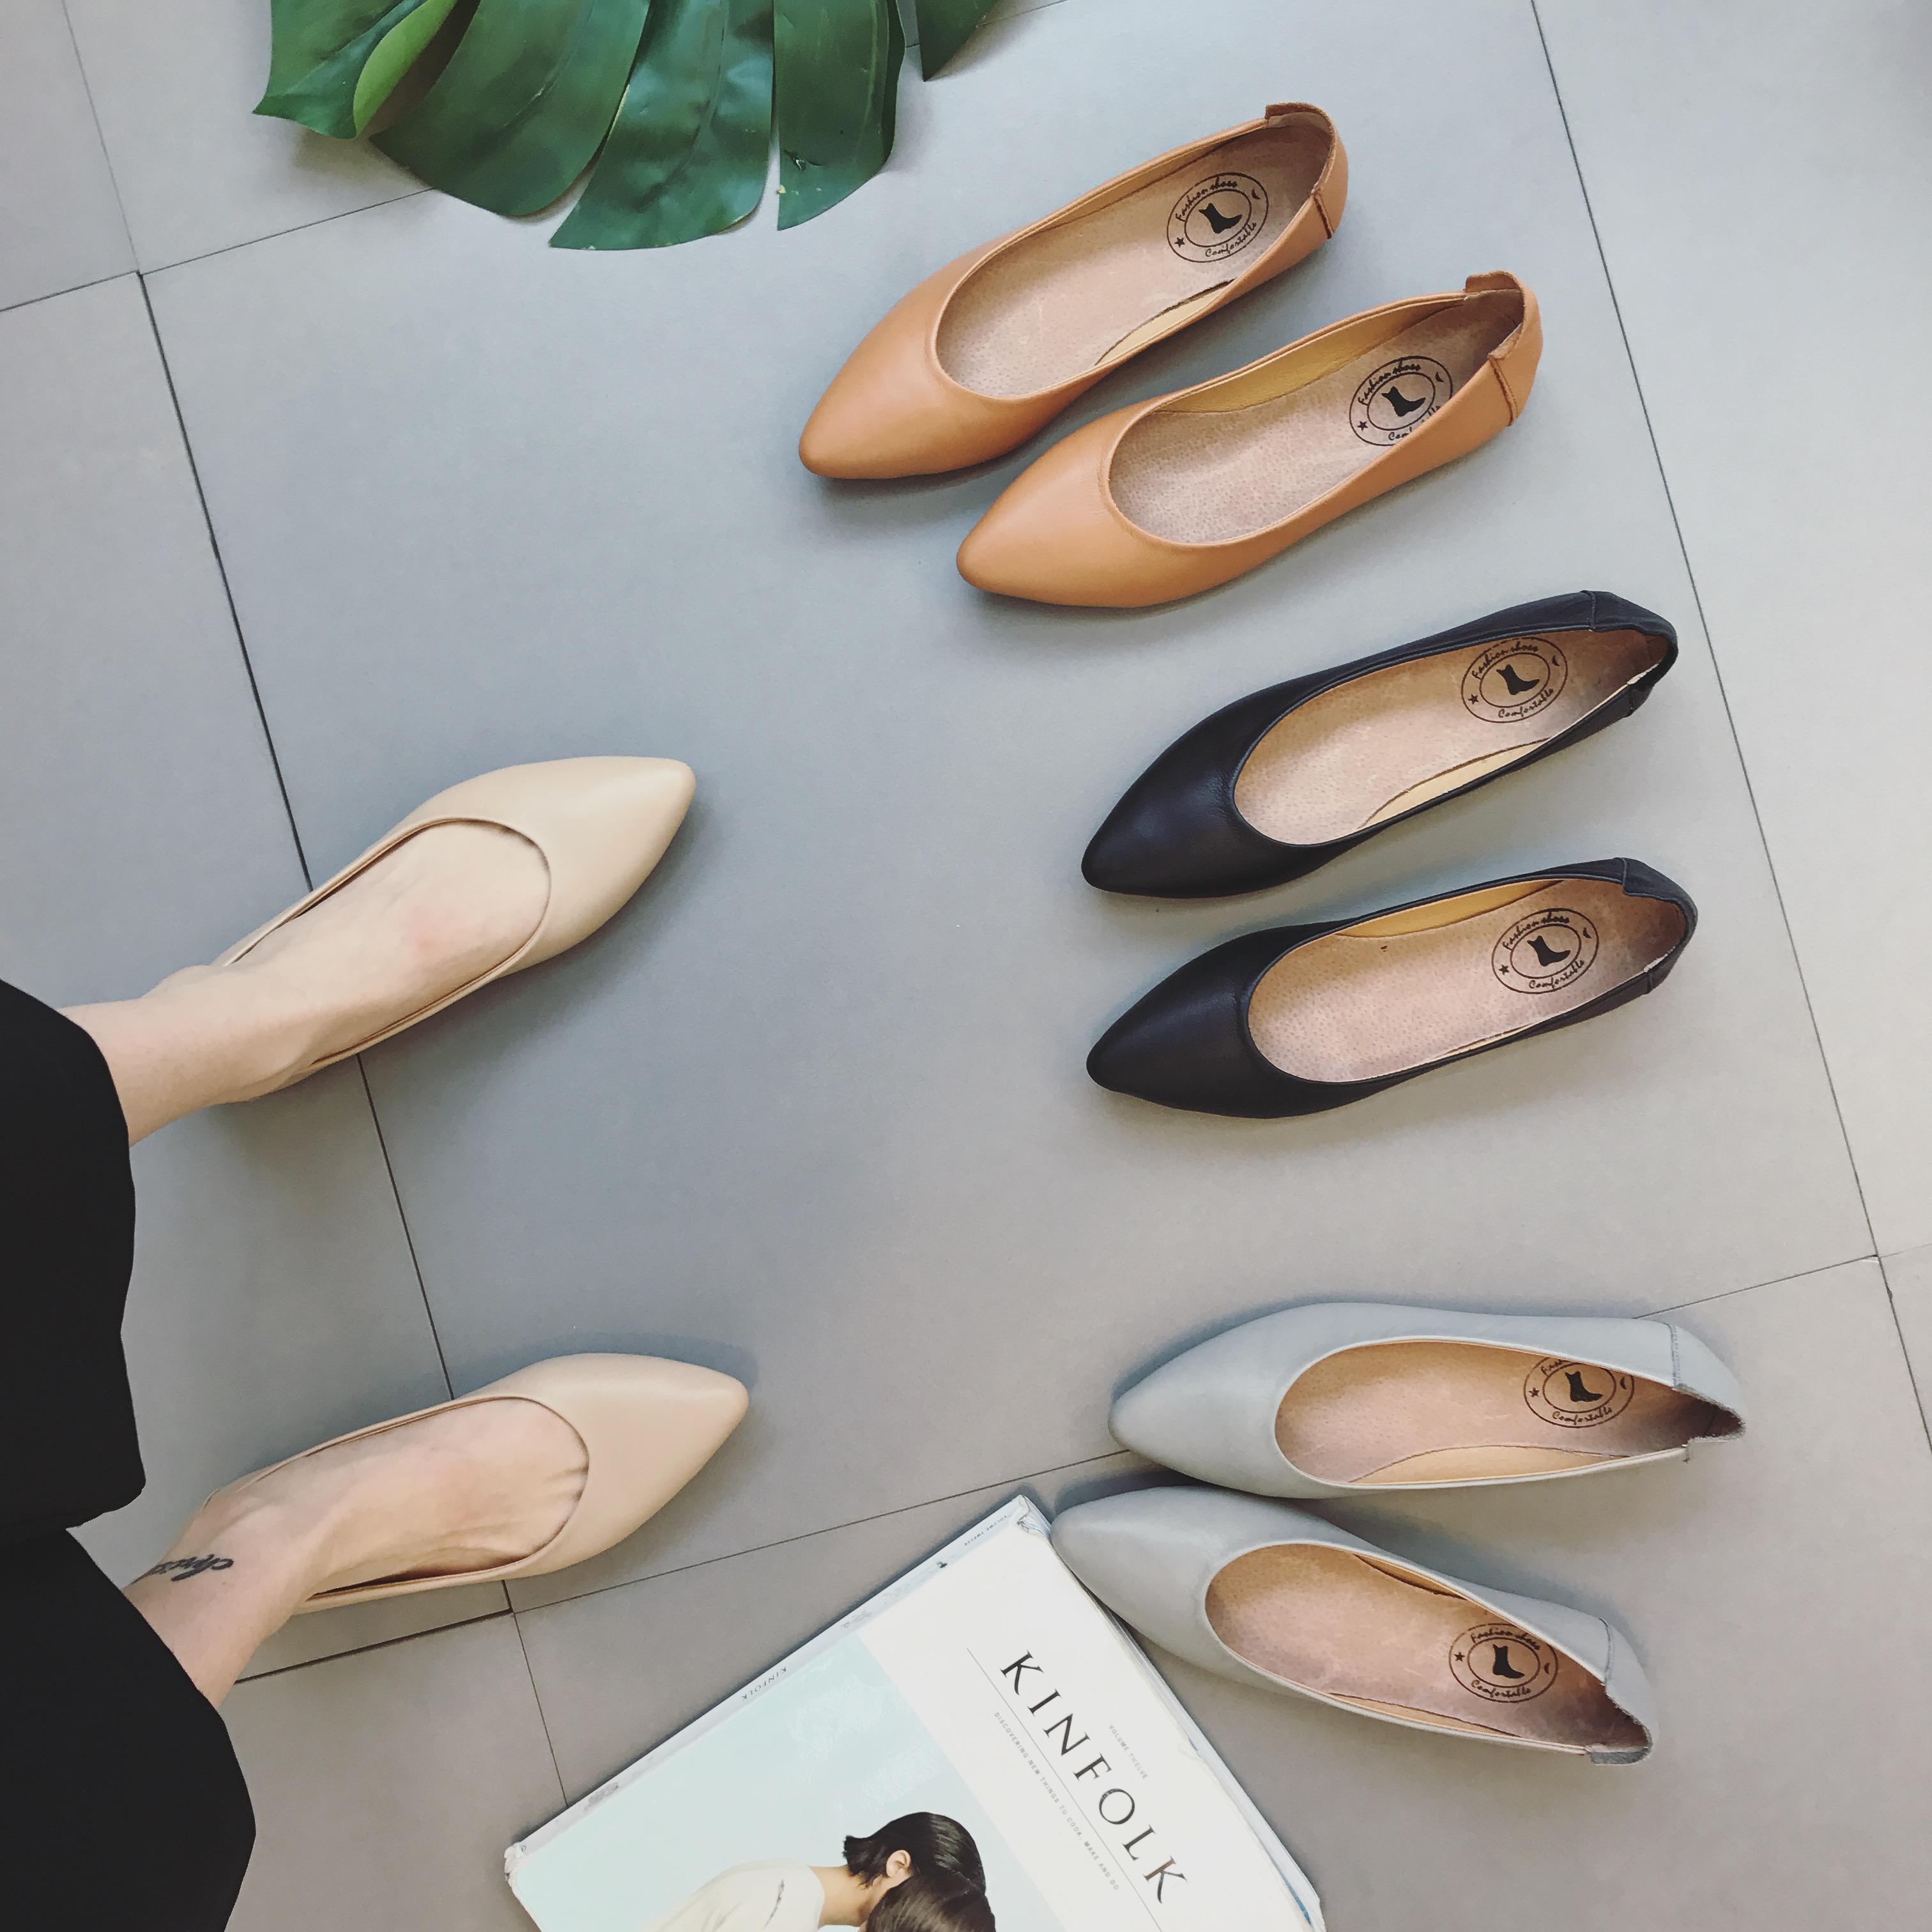 2018春季新款韩版真皮平底奶奶鞋女浅口套脚软底休闲鞋尖头单鞋潮